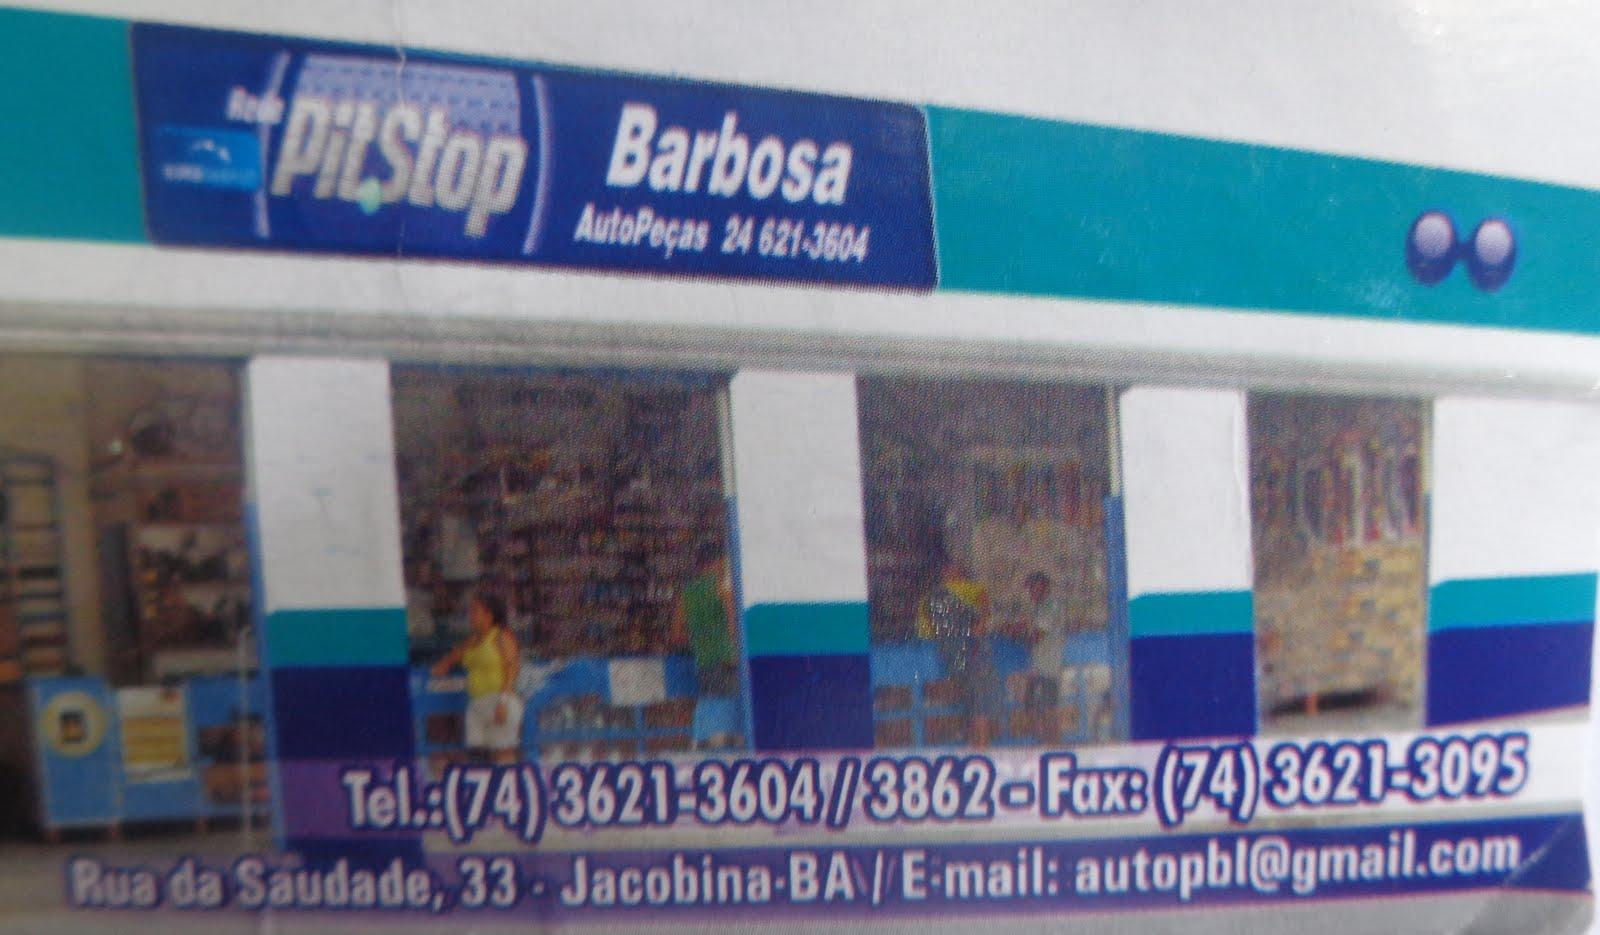 Barbosa Auto Peças: Peças para seu carro com o melhor preço da região - Jacobina-Ba